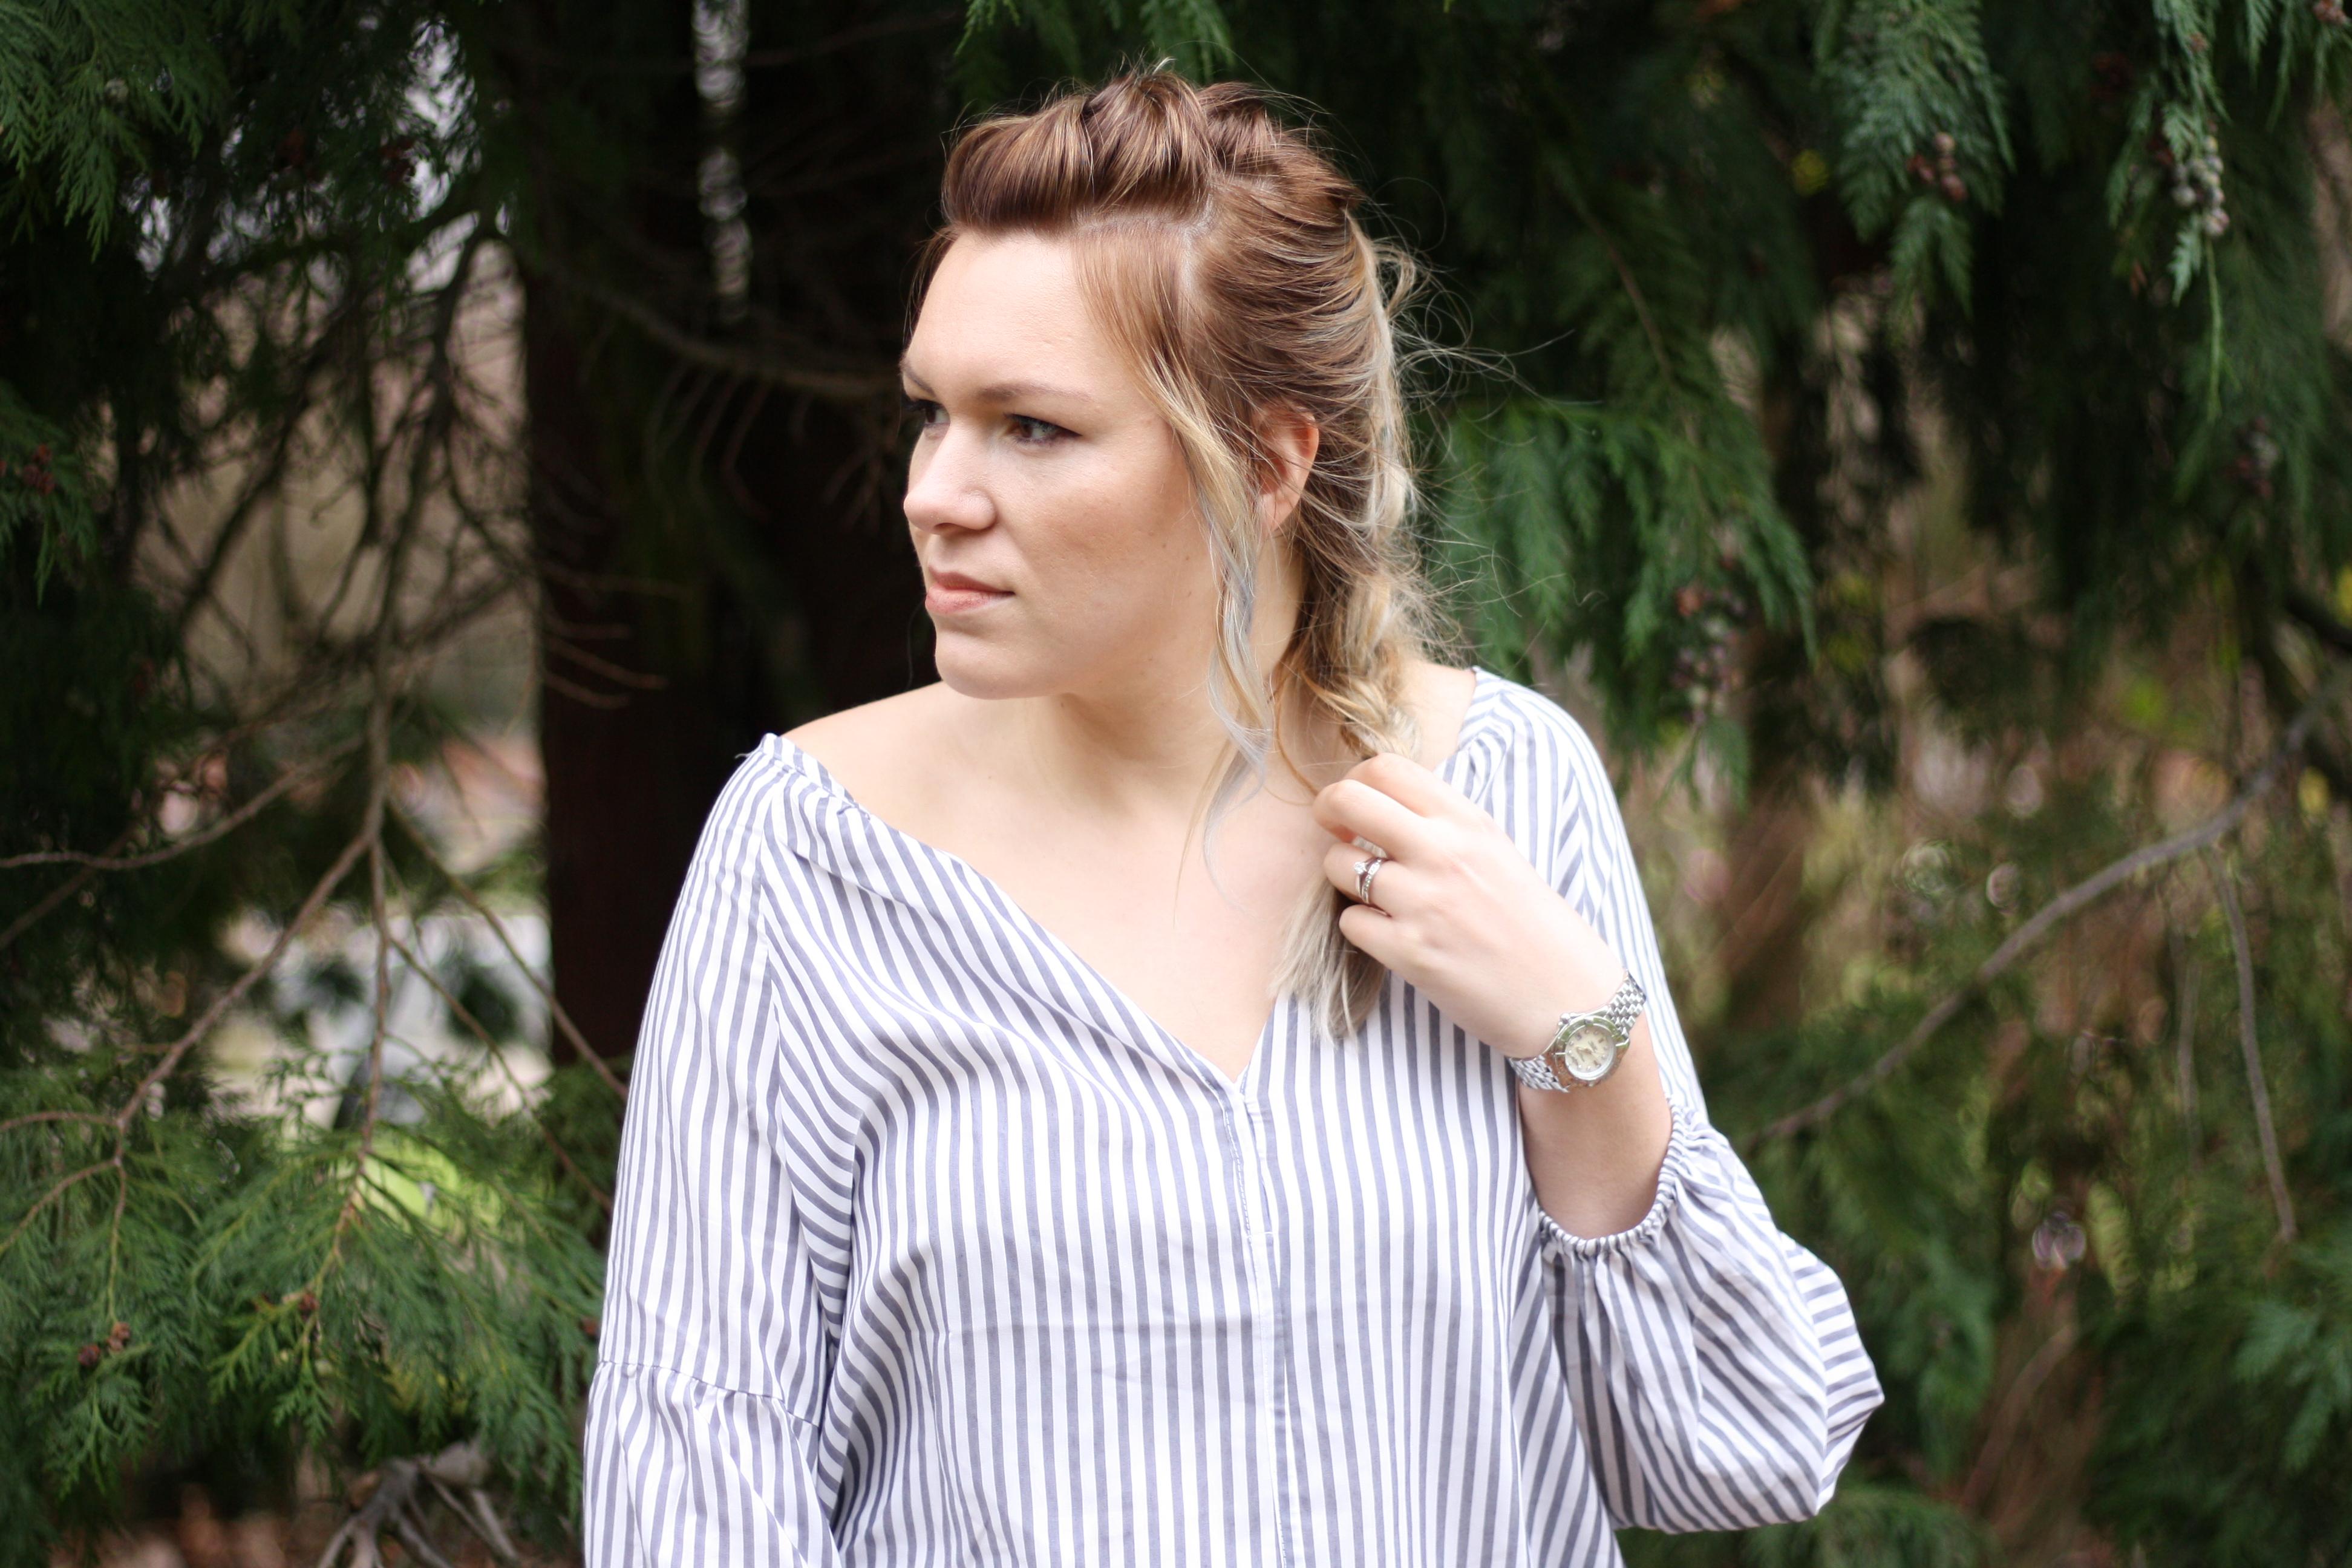 blog, Violet Glenton, LifestyleBlogger, UKBlog